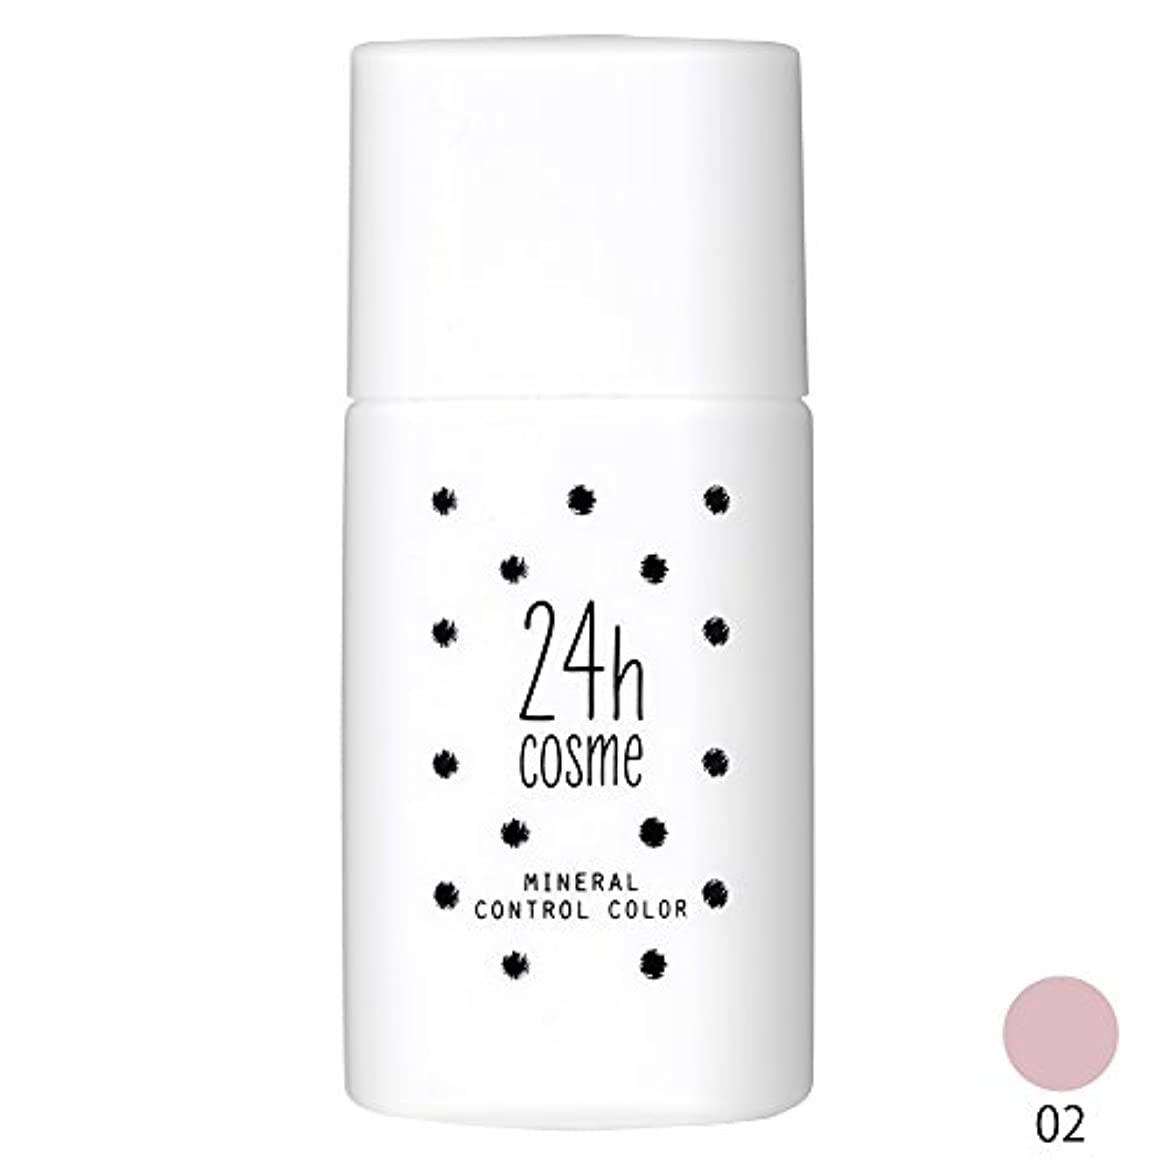 大胆不敵蒸留悪名高い24h cosme 24 コントロールベースカラー 02クリアバイオレット 肌に優しい化粧下地 20ml